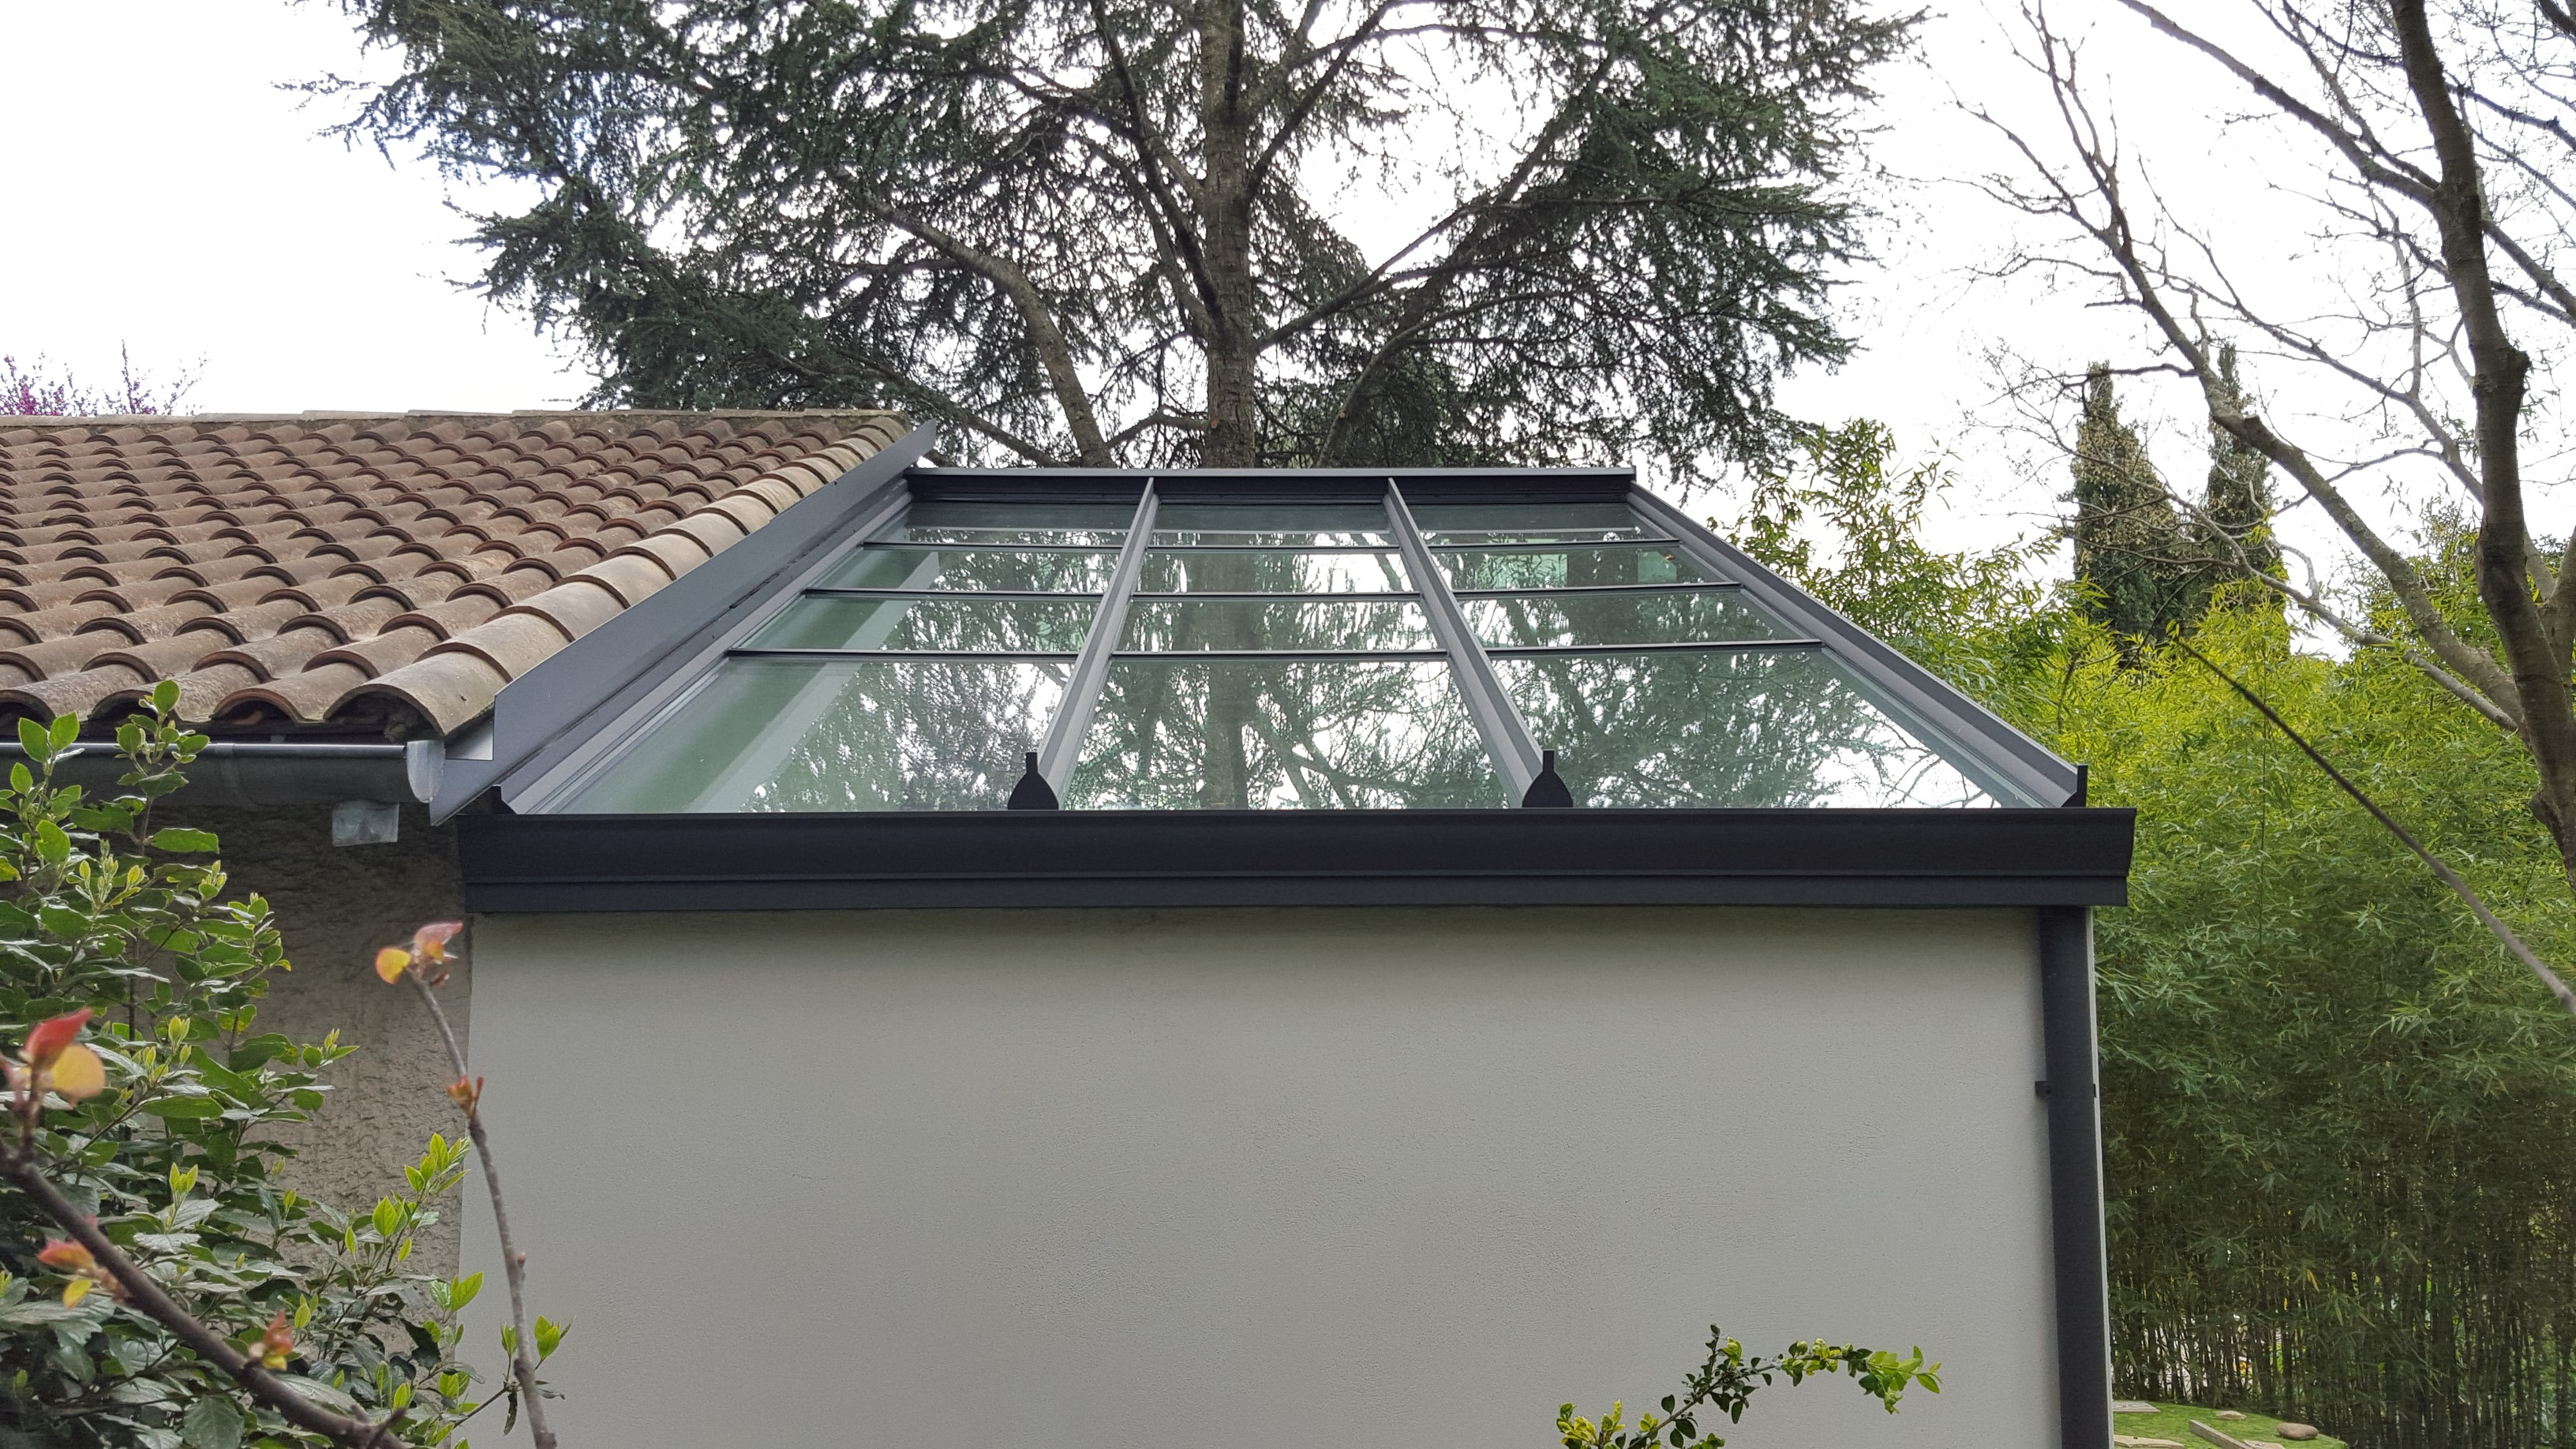 Véranda aluminium Technal toiture vitrée - Vente Véranda Technal